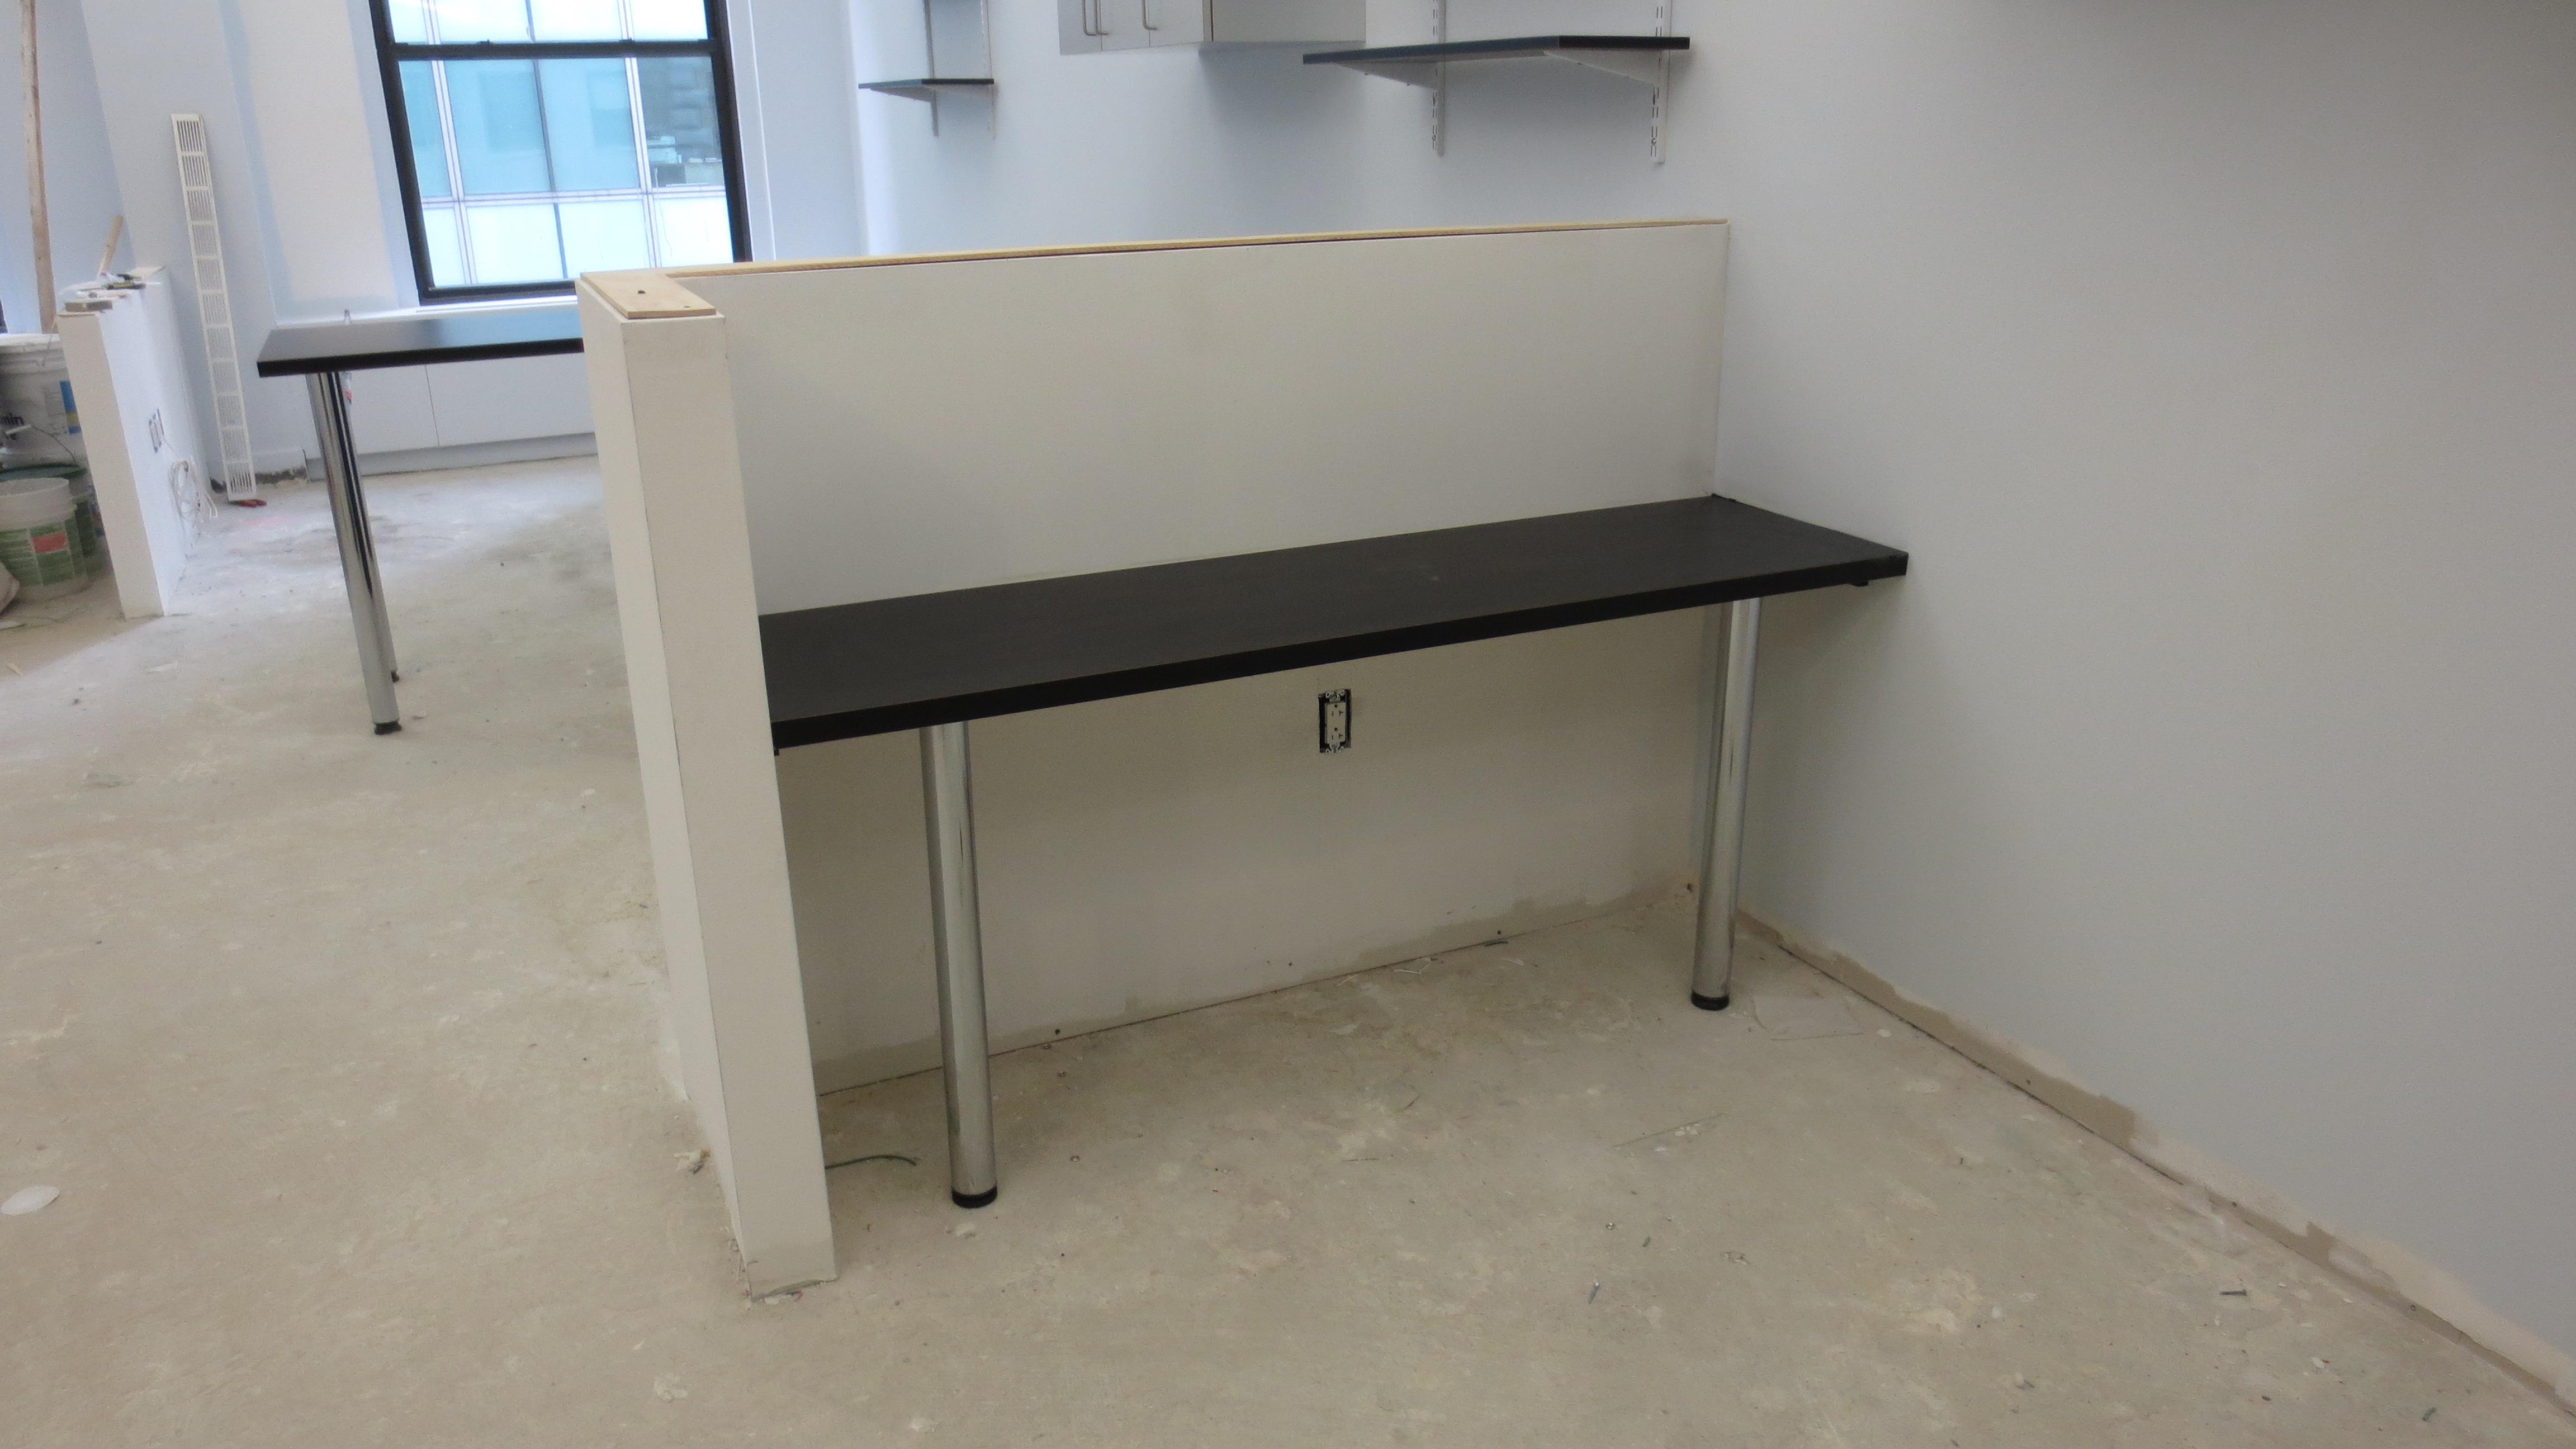 Plam Cabinets Casework P Lam